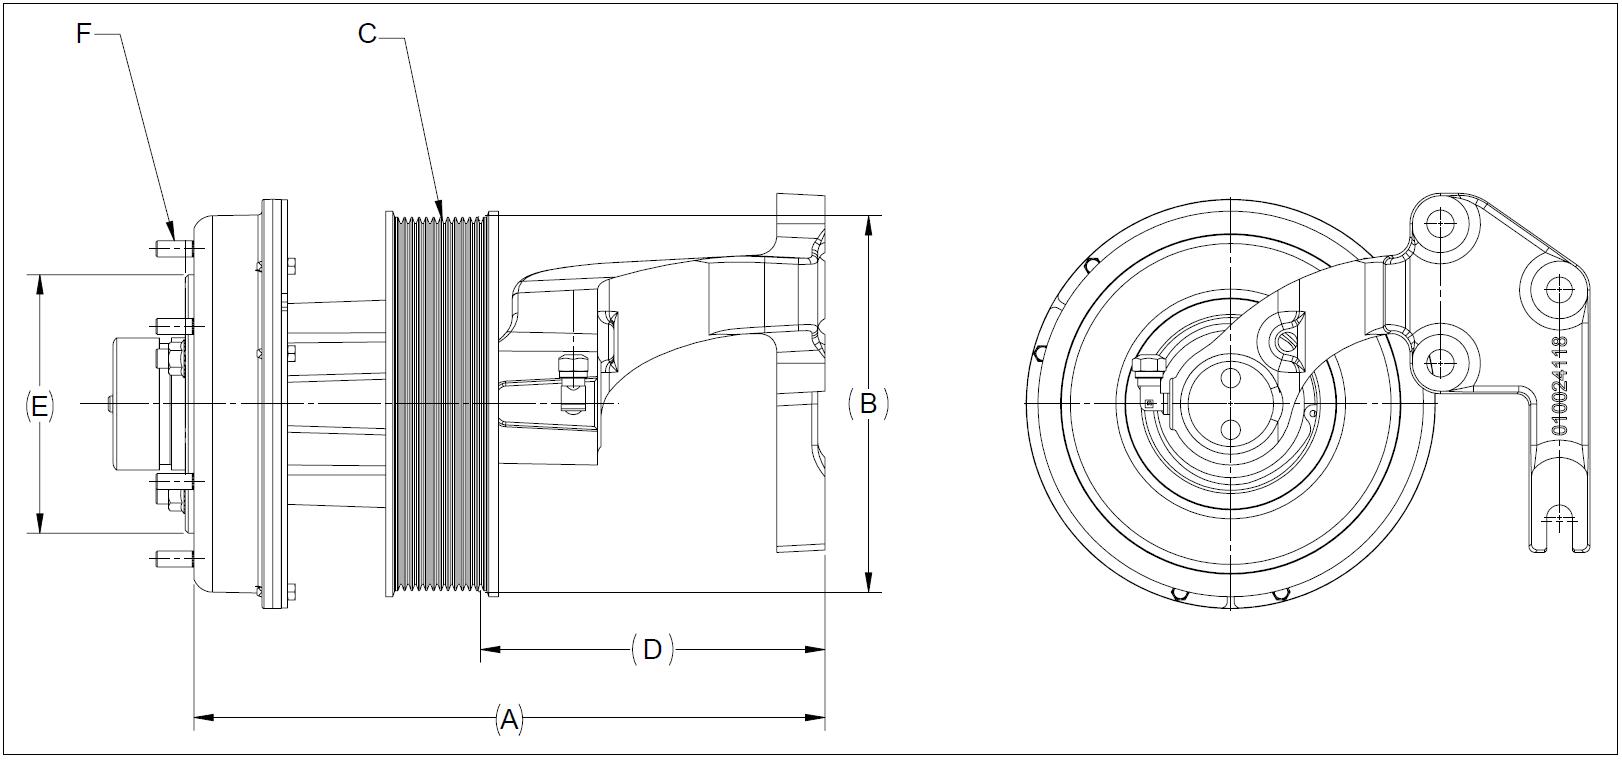 010024144 K30A Rear Air Fan Drive Assembly